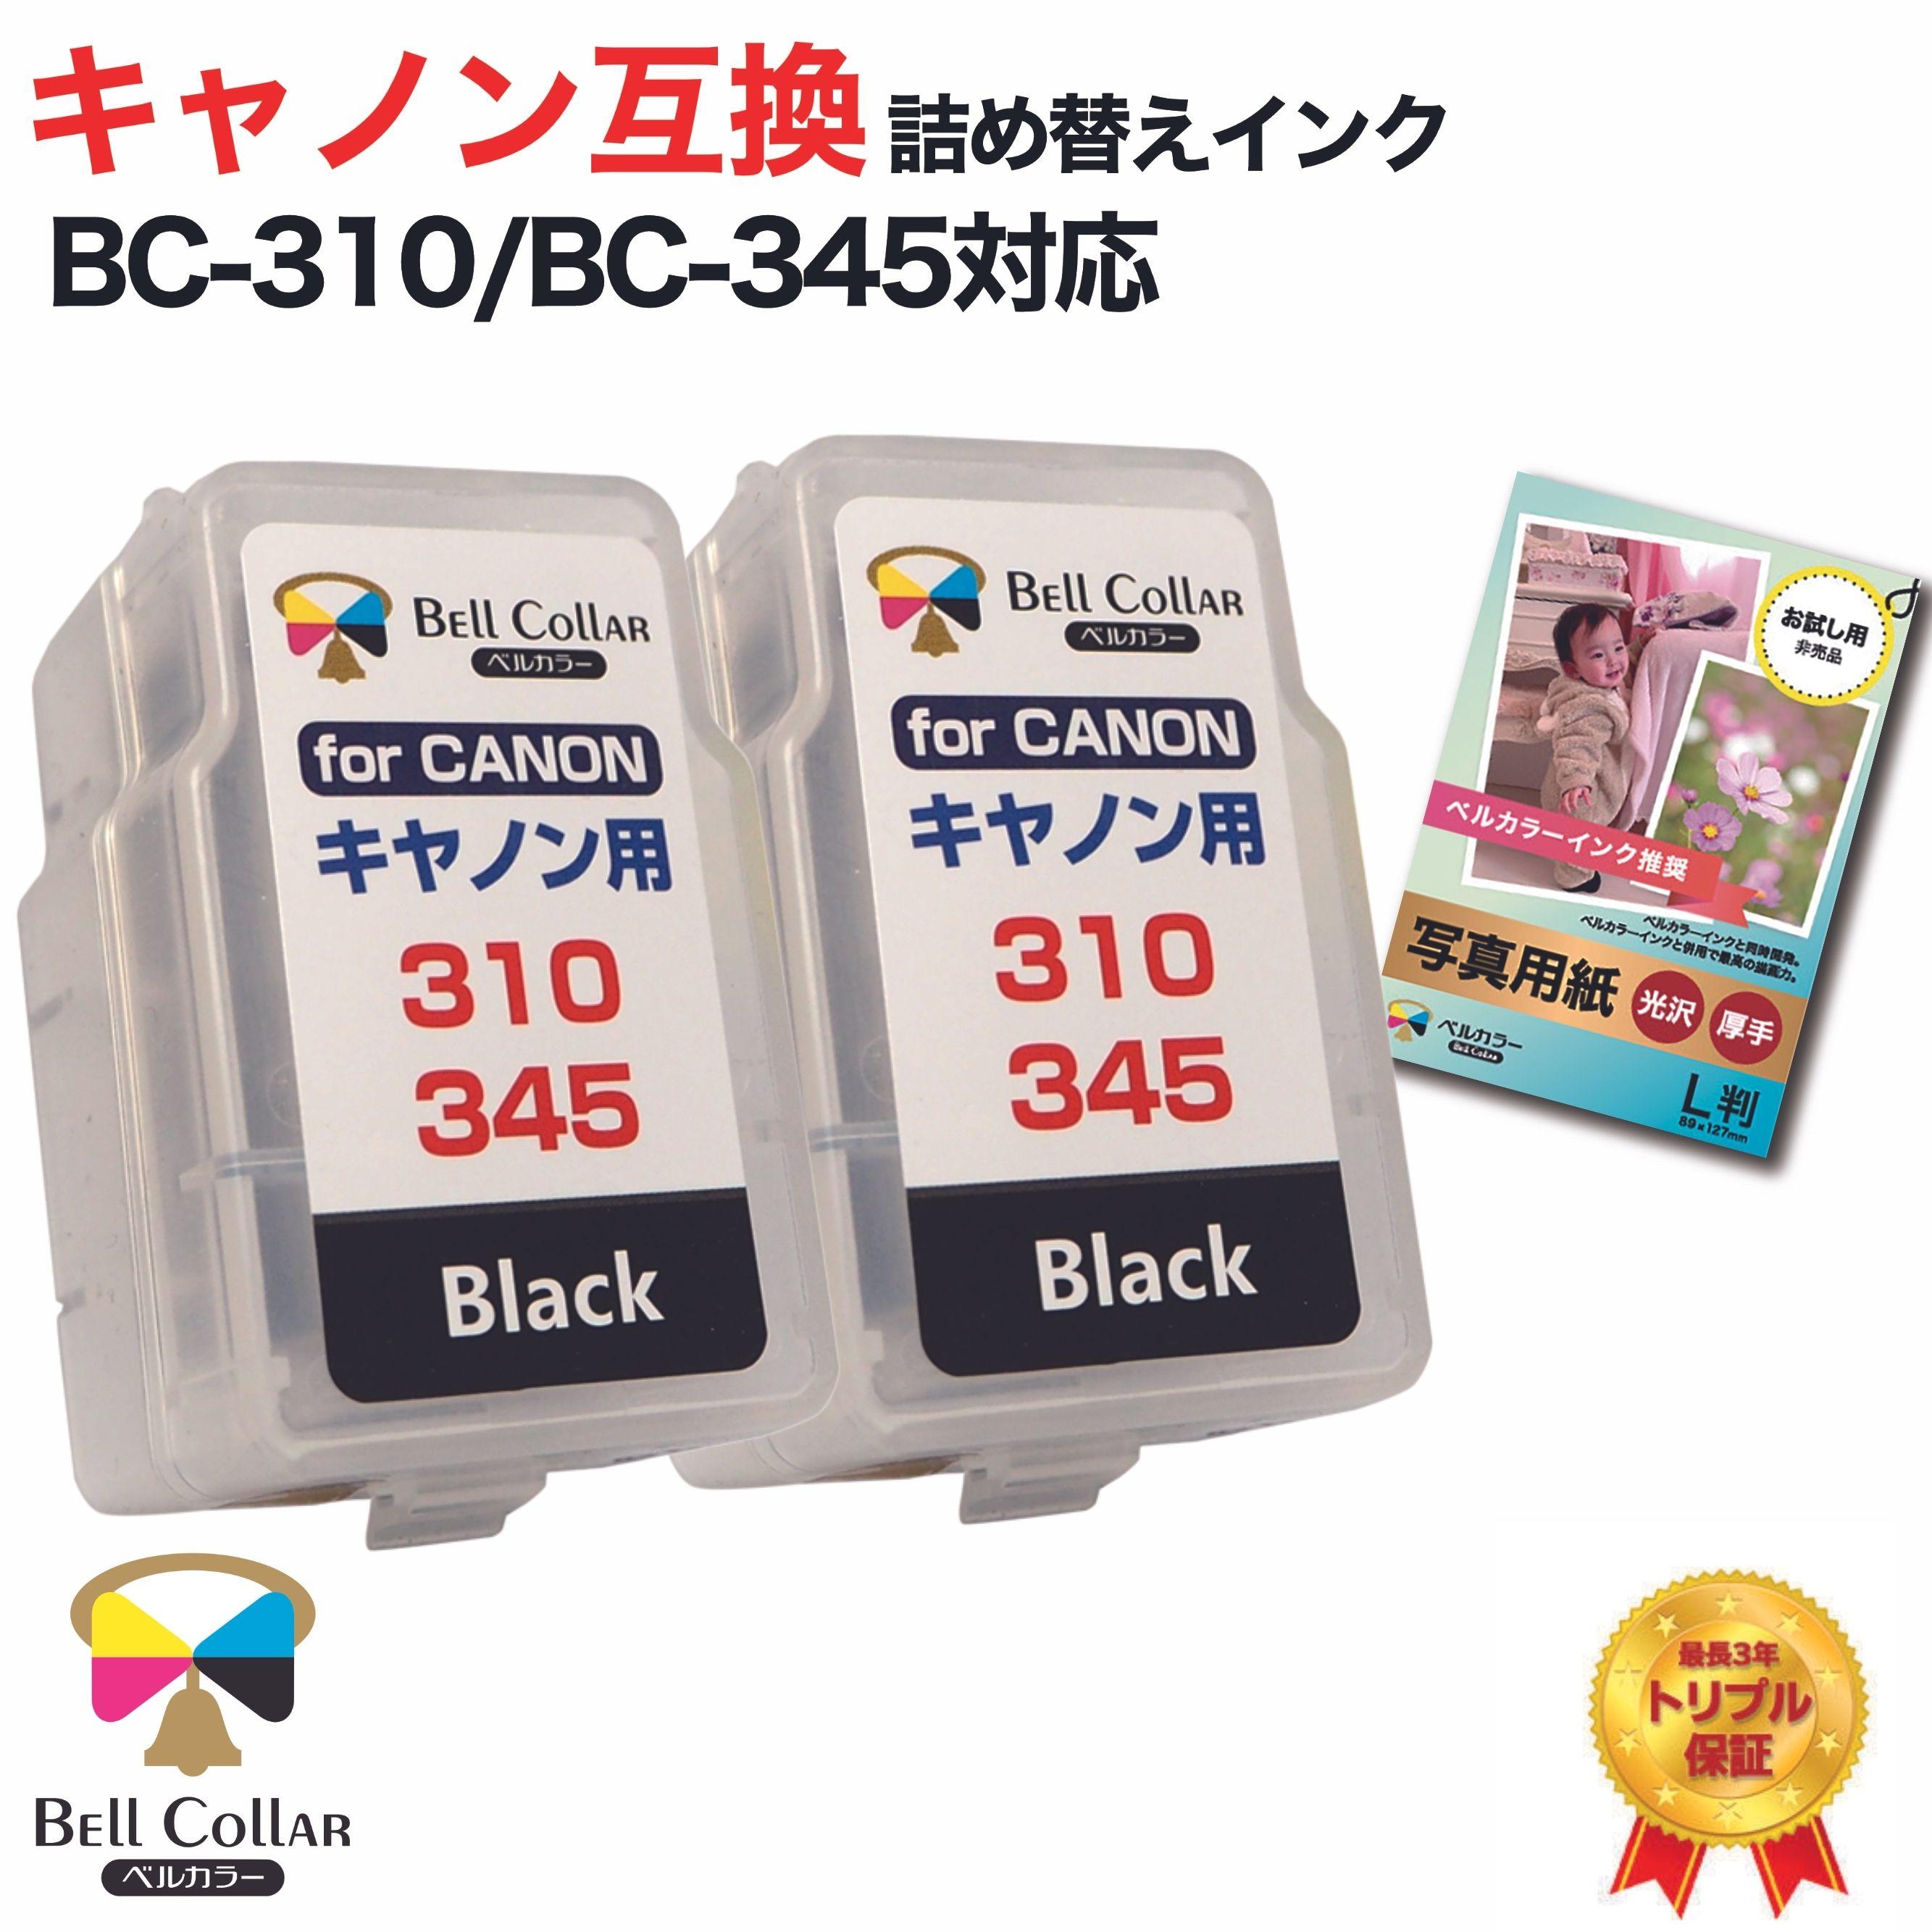 顔料ブラック純正比27%増量 格安 即納 トリプル保証 3年保証 付きのキャノン CANON 価格 交渉 送料無料 詰め替え用互換インク BC310 BC345 キャノン 互換インク BC-310 BC-345 黒 正規認証品!新規格 2個パック PIXUS スマートカートリッジ 対応インク型番 IP2700 顔料ブラック インクカートリッジ 対応プリンター 純正比27%増量 TS203など 写真用紙サンプル付 TS3330 詰め替え用